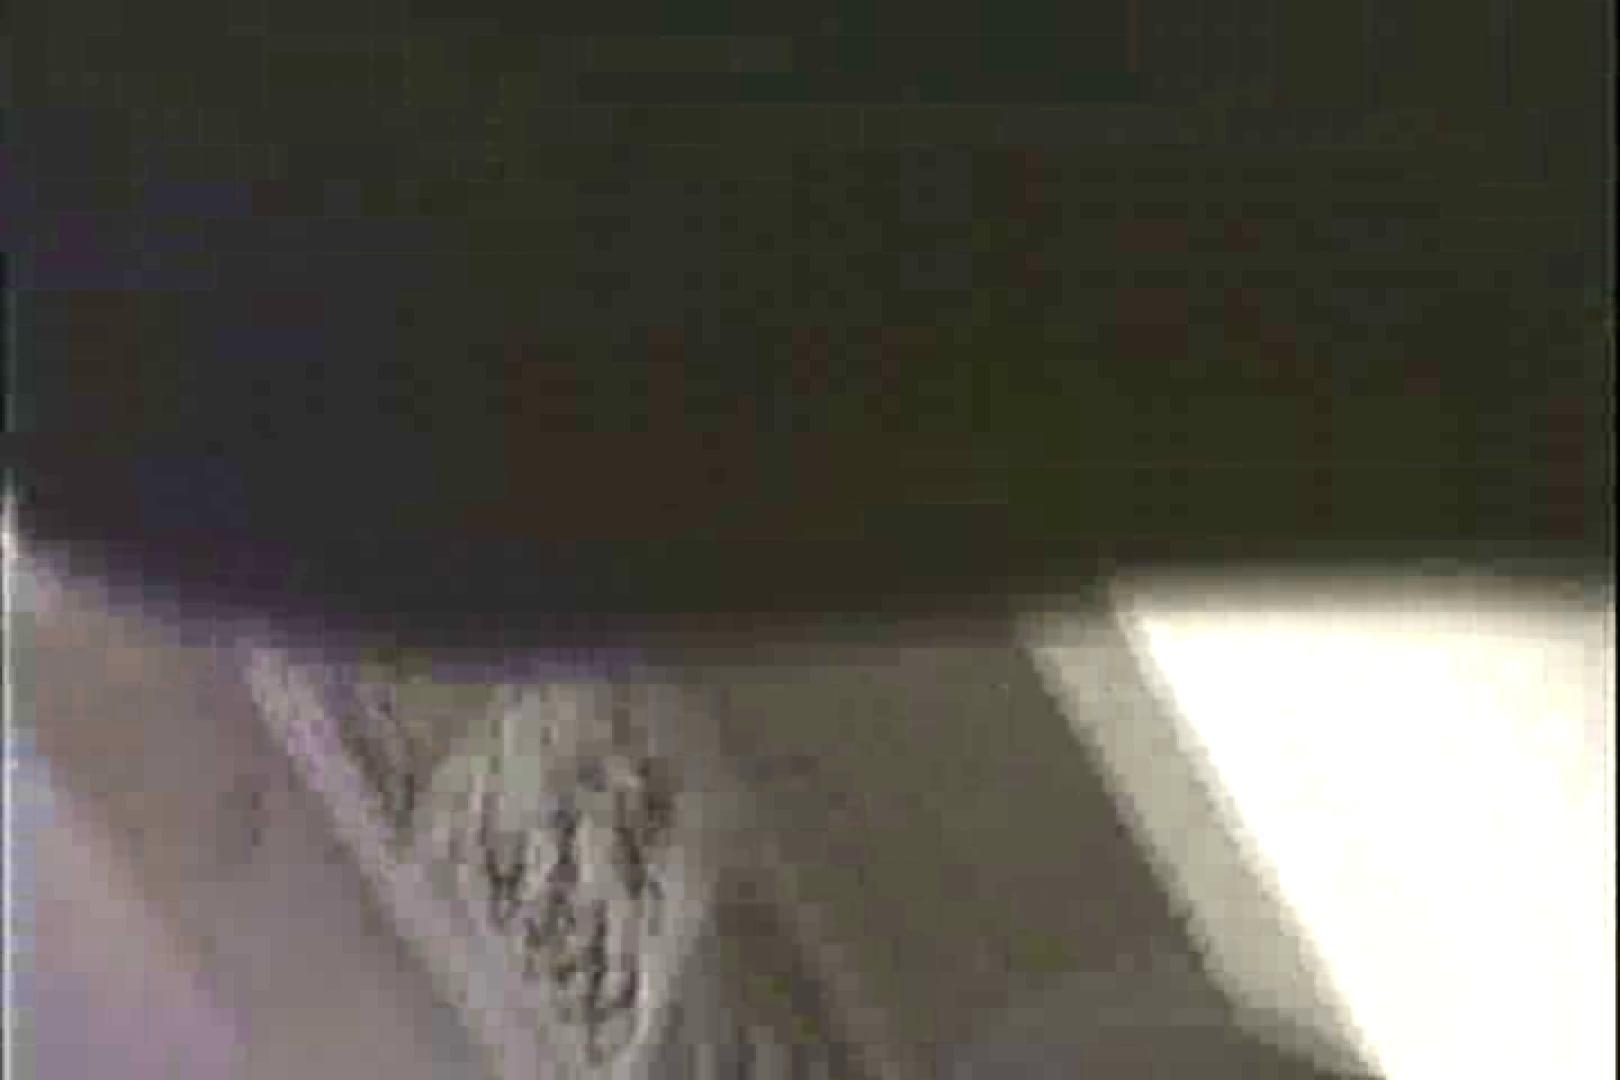 「ちくりん」さんのオリジナル未編集パンチラVol.3_01 レースクイーン SEX無修正画像 101pic 65